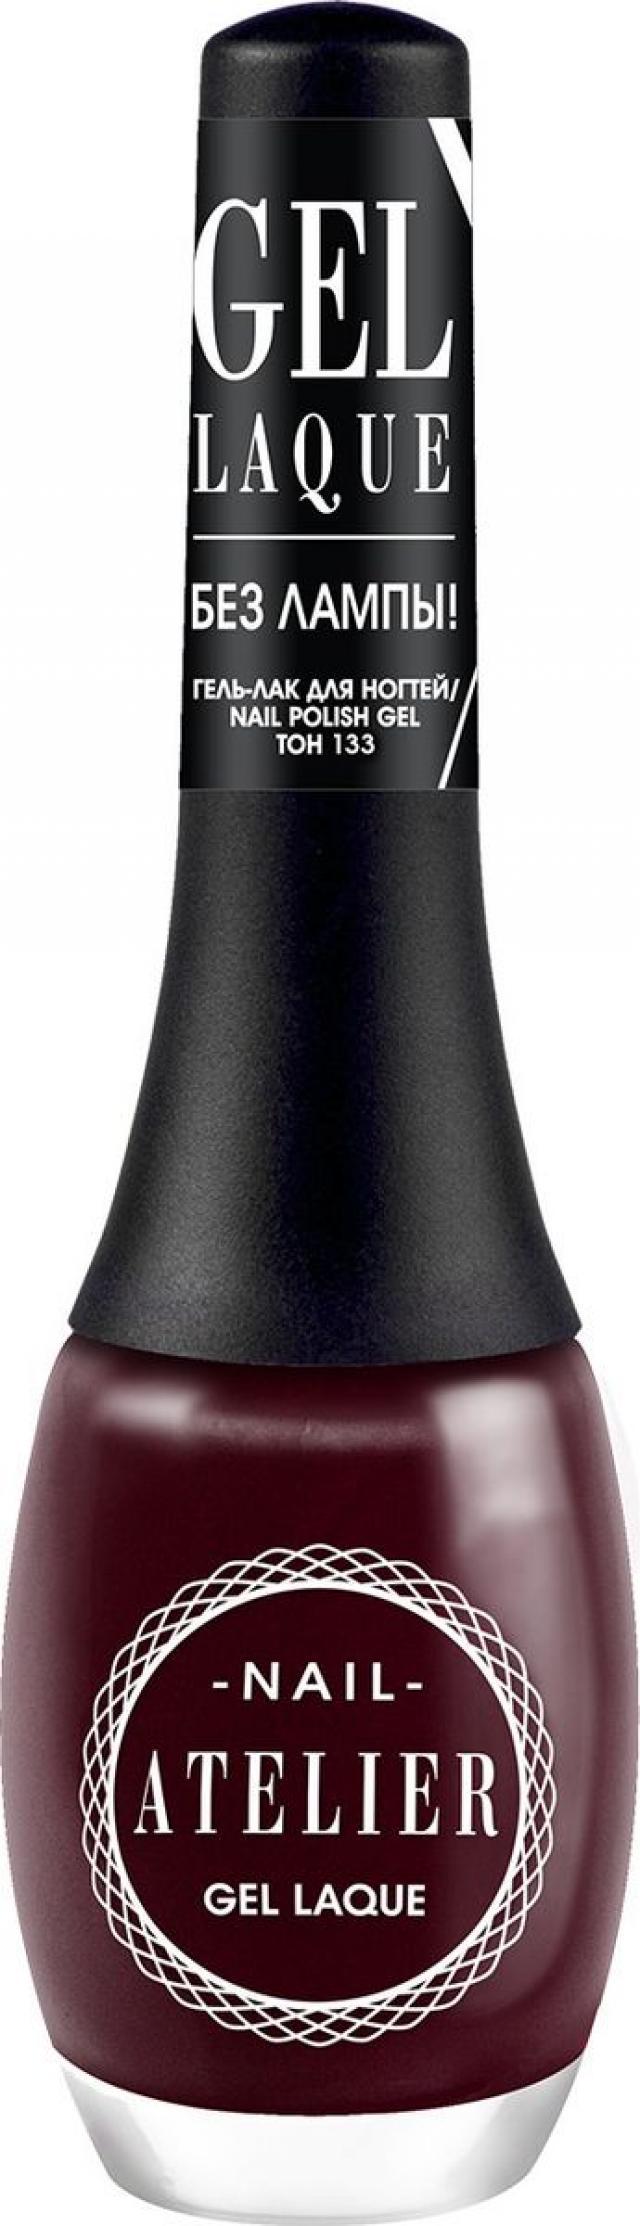 Вивьен Сабо гель-лак для ногтей т.133 купить в Москве по цене от 131 рублей